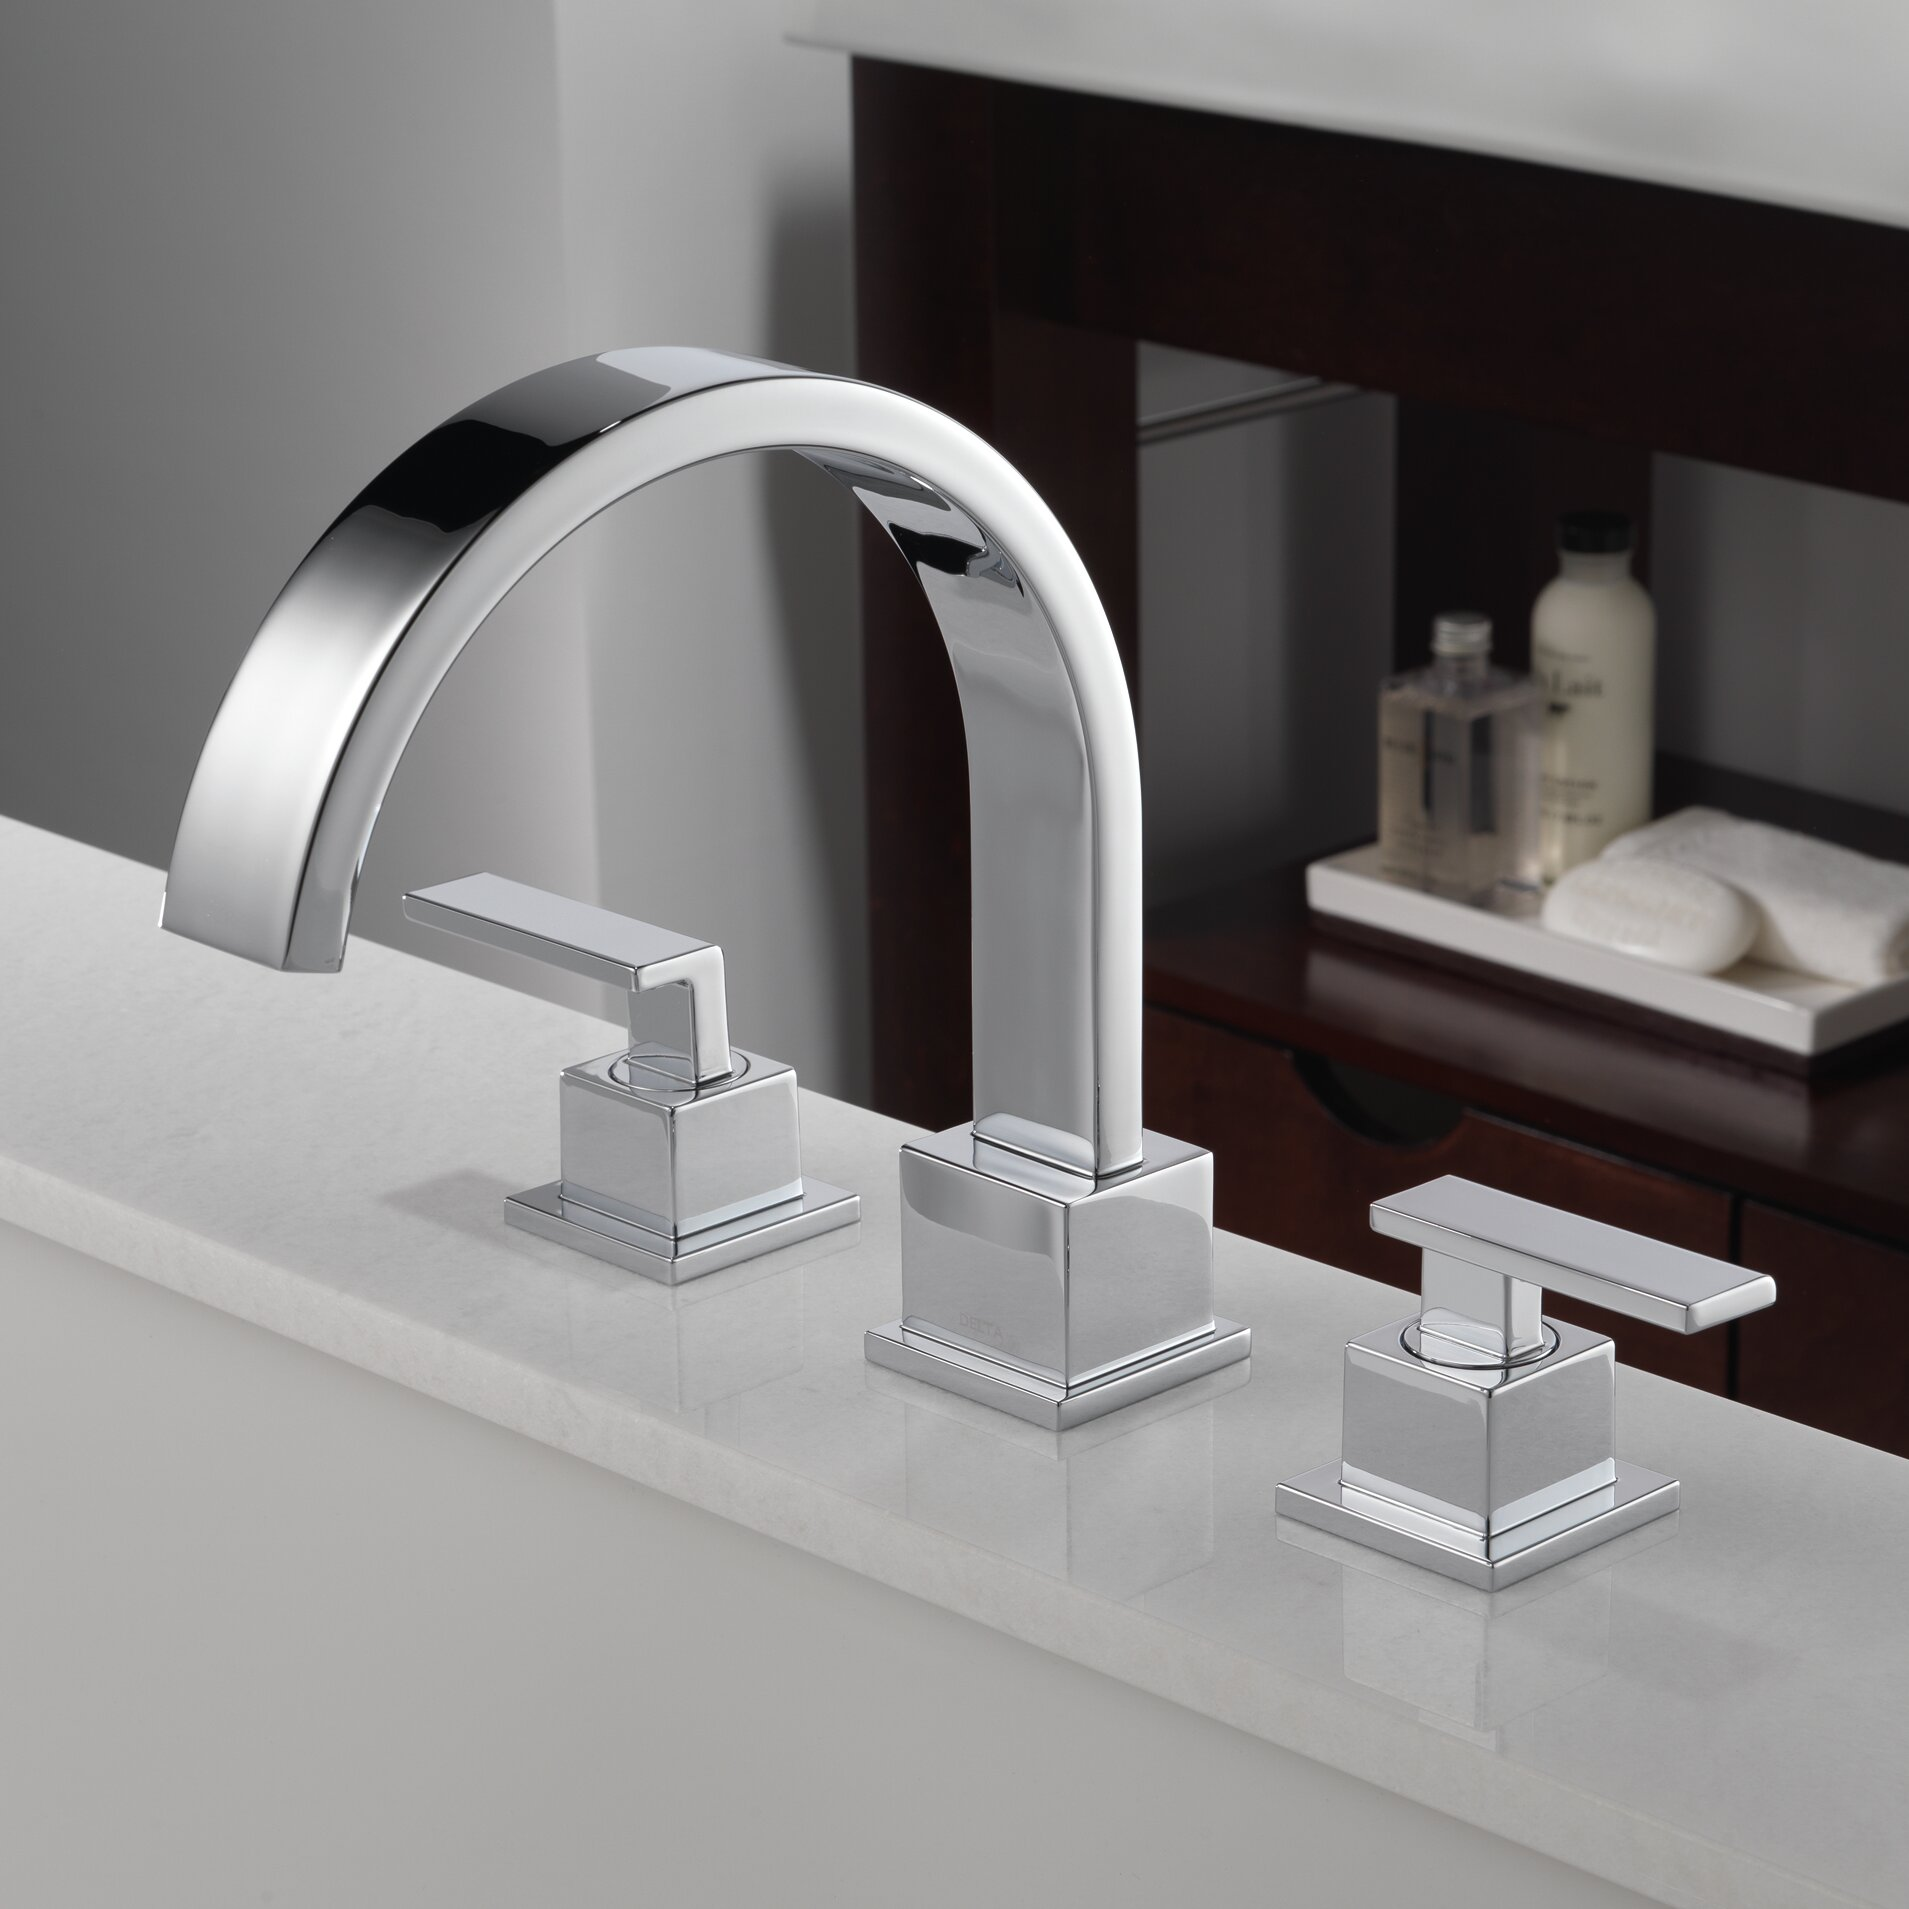 T2753 Sscz Delta Vero Double Handle Deck Mount Roman Tub Faucet